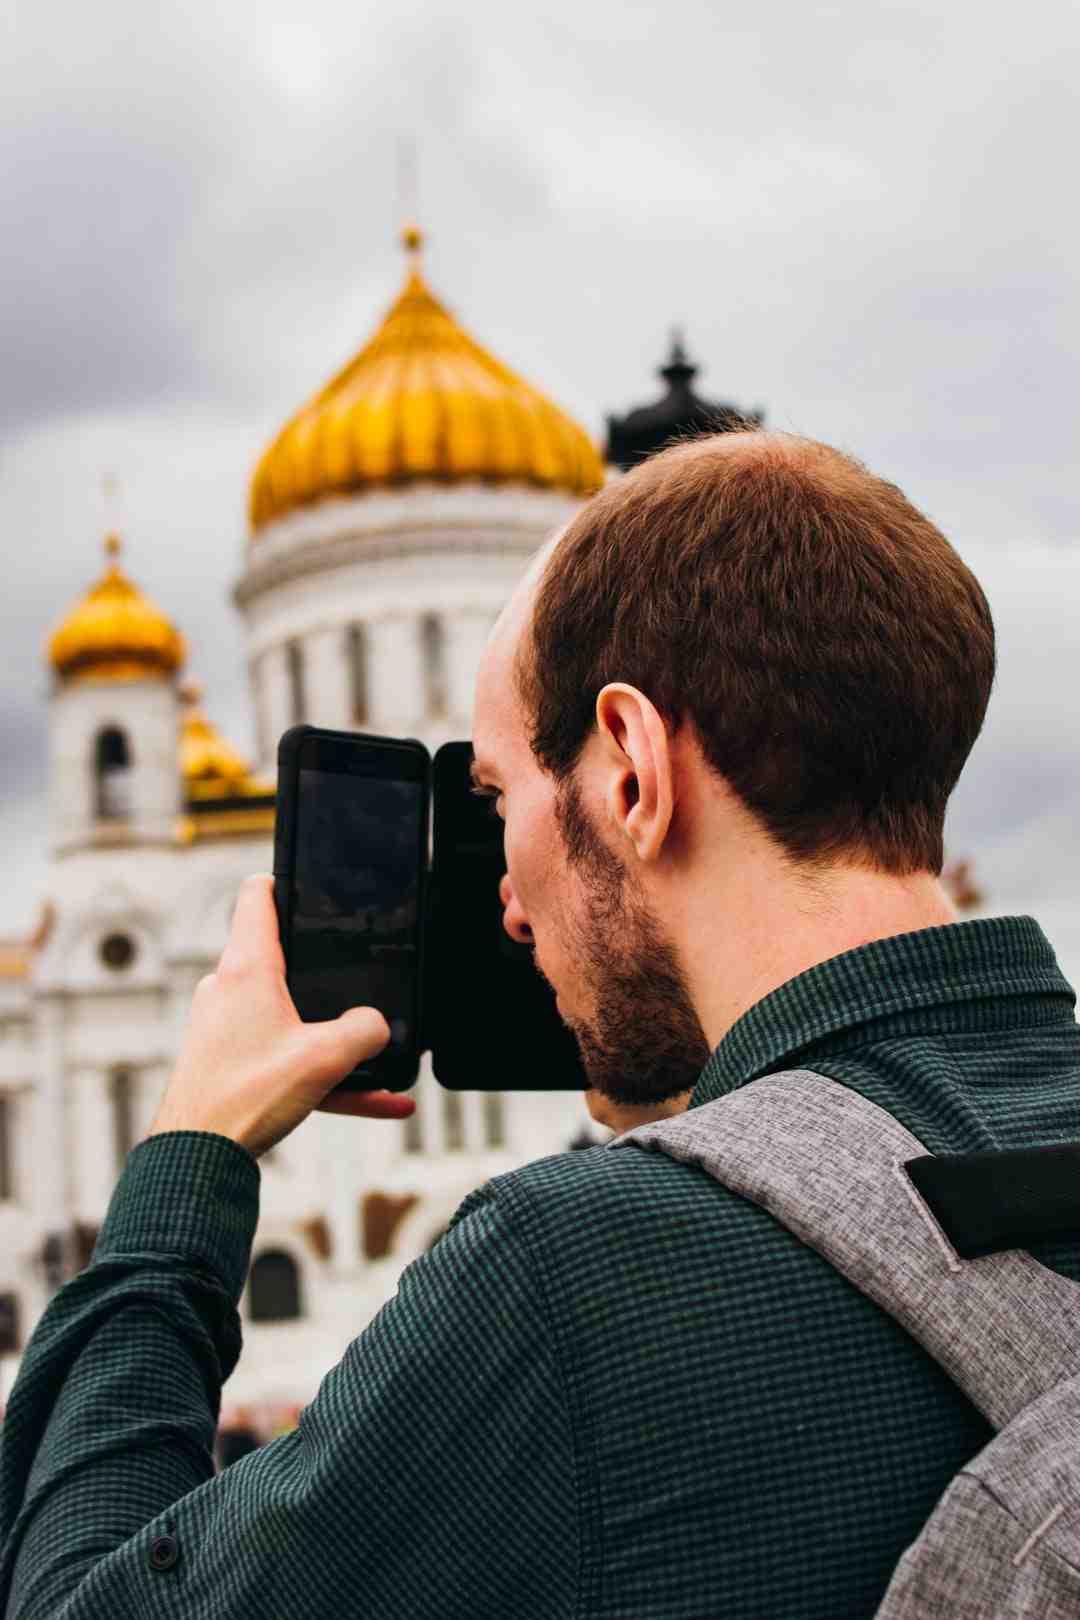 Comment télécharger des photos et vidéos sur Instagram ?